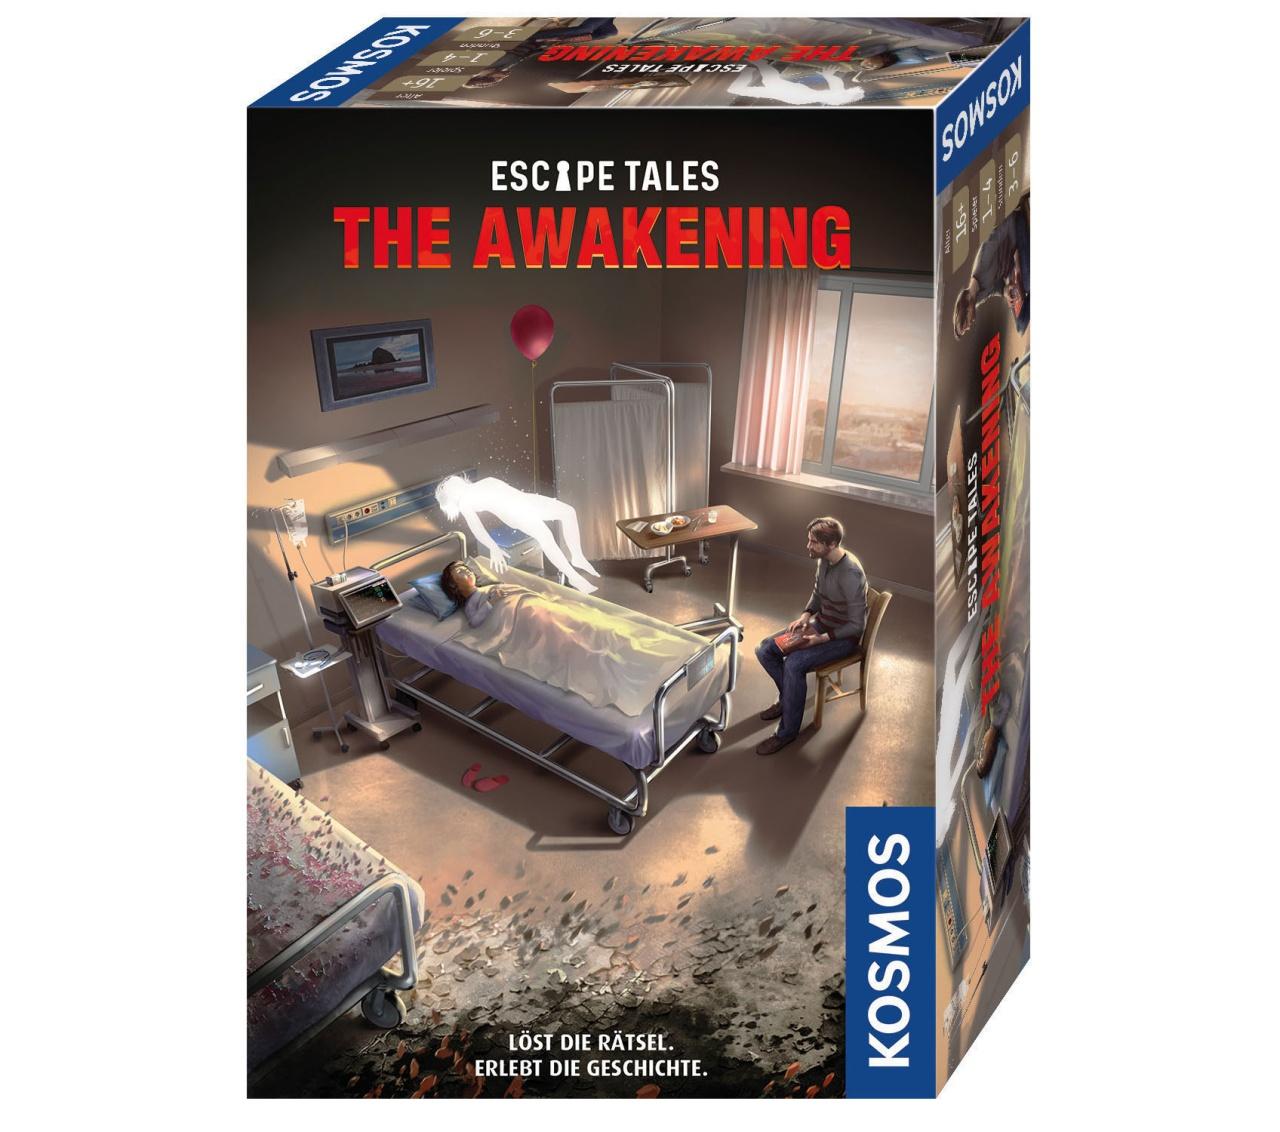 Escape Tales The Awakening Spiel von Kosmos